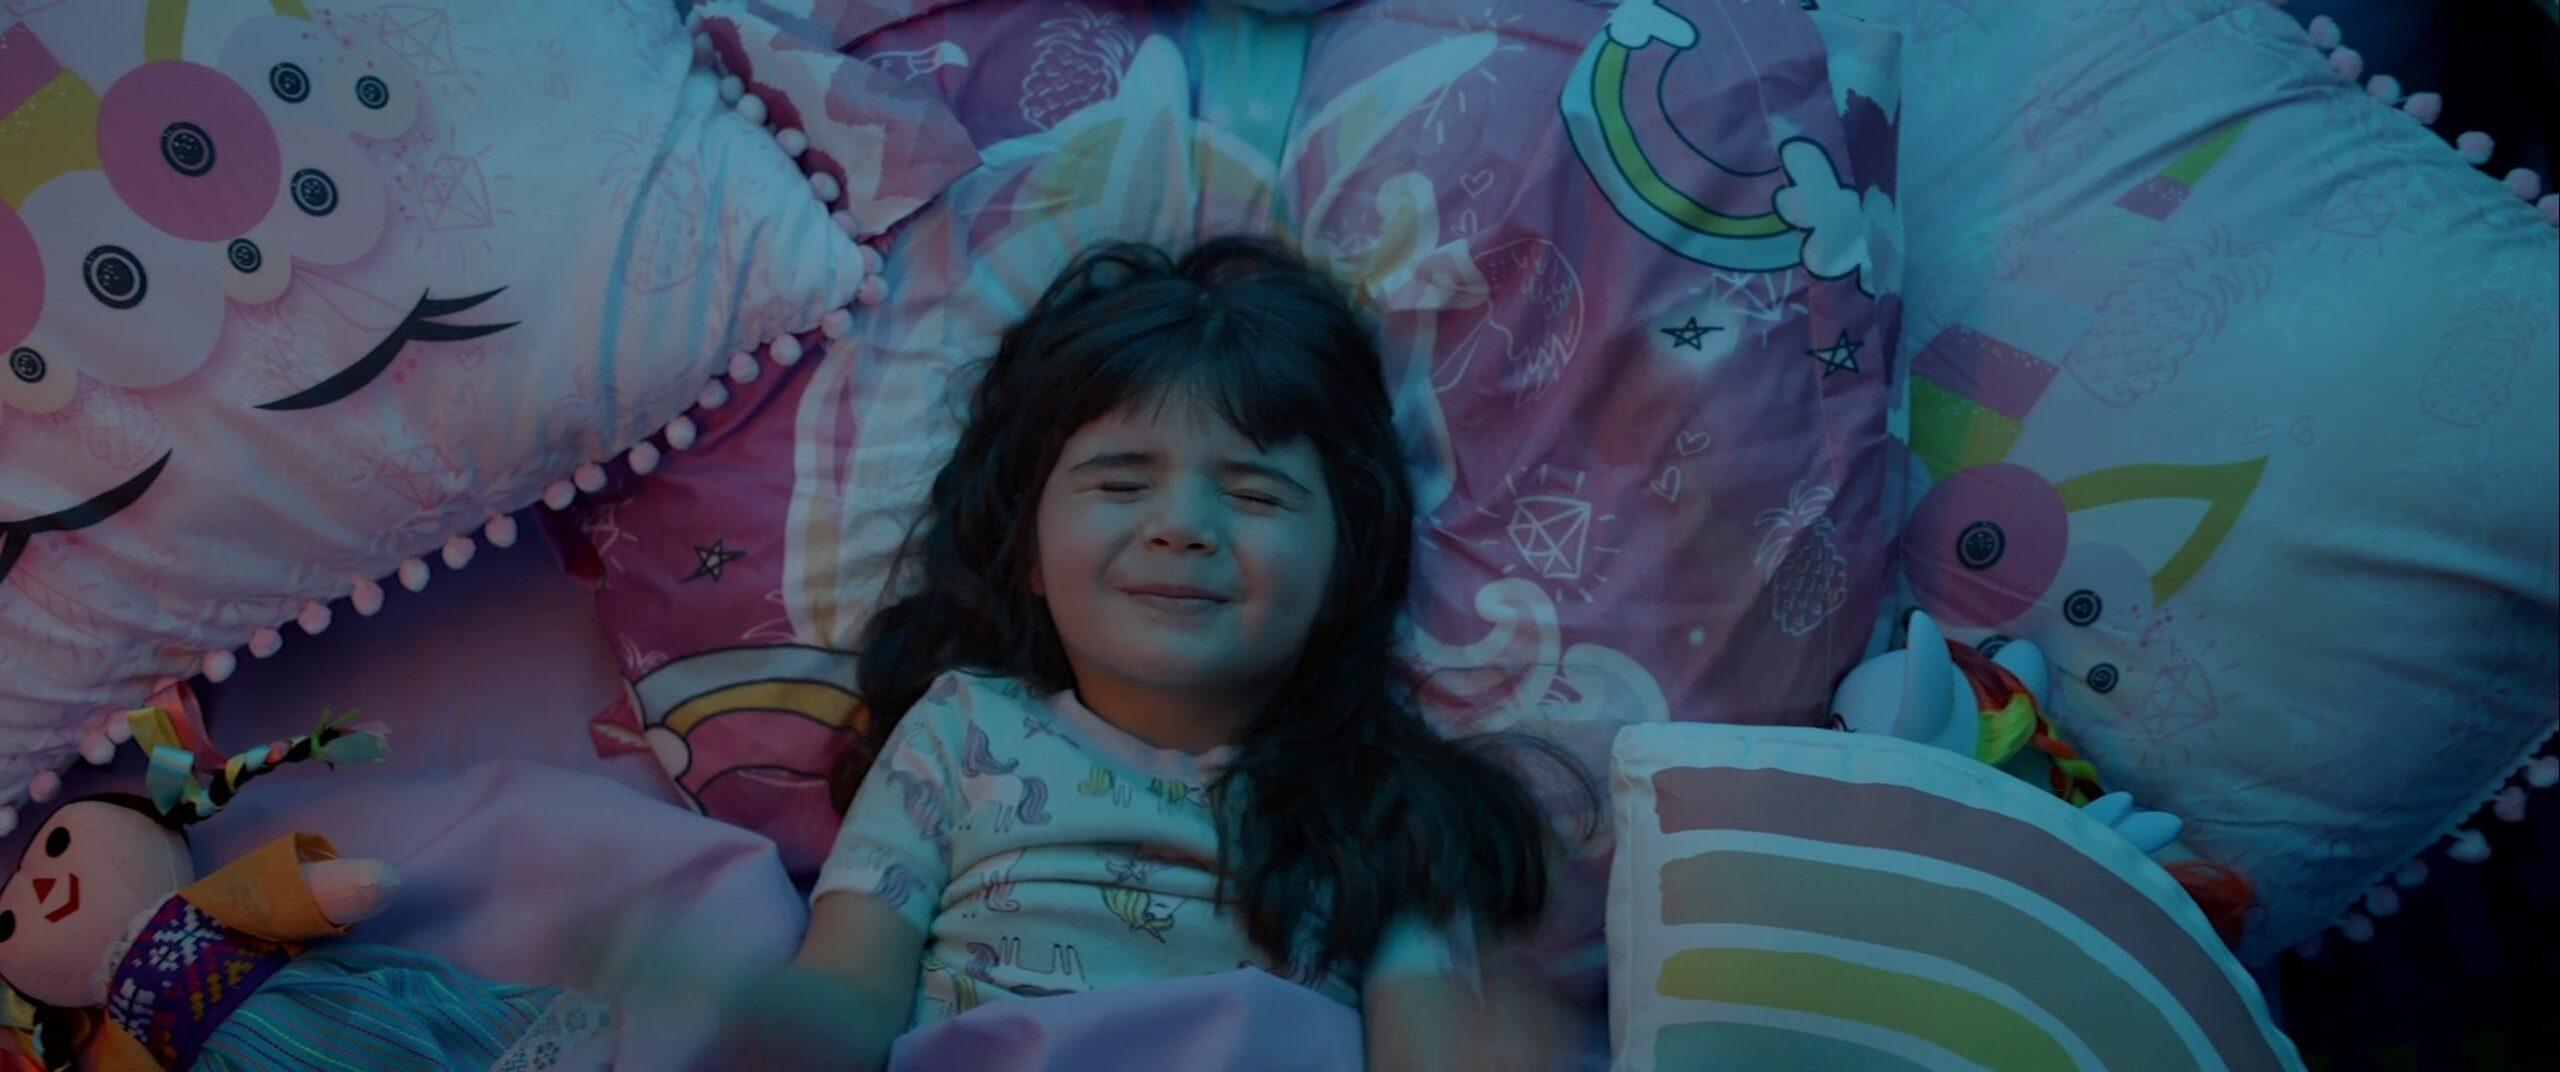 Meksikalı Çocuklara Yalnızca Noel Baba Değil Üç Bilge Kral da Hediye Getiriyor